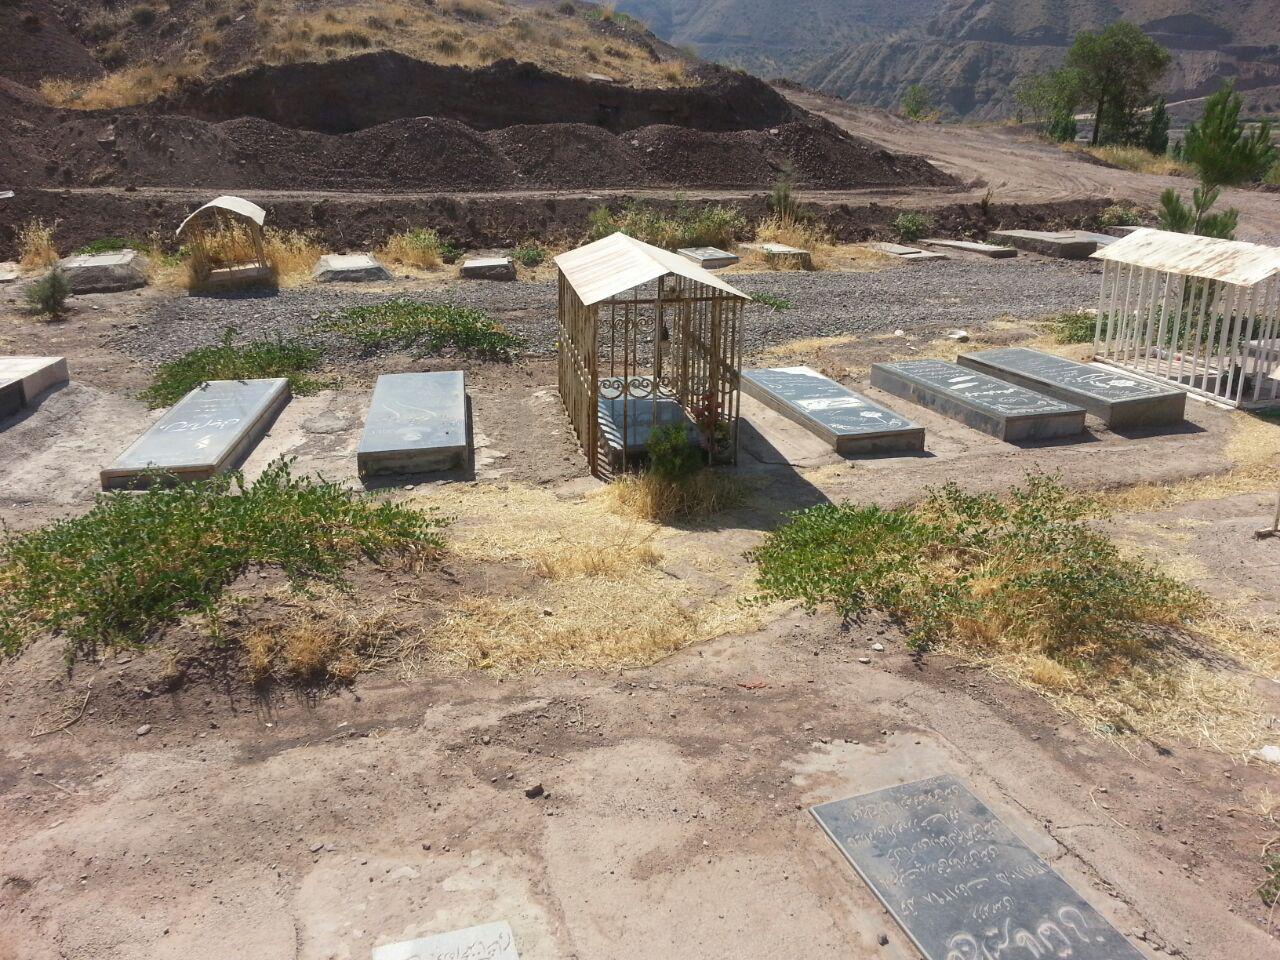 مزارستان عمومی روستای باغدشت مرداد شهریوار